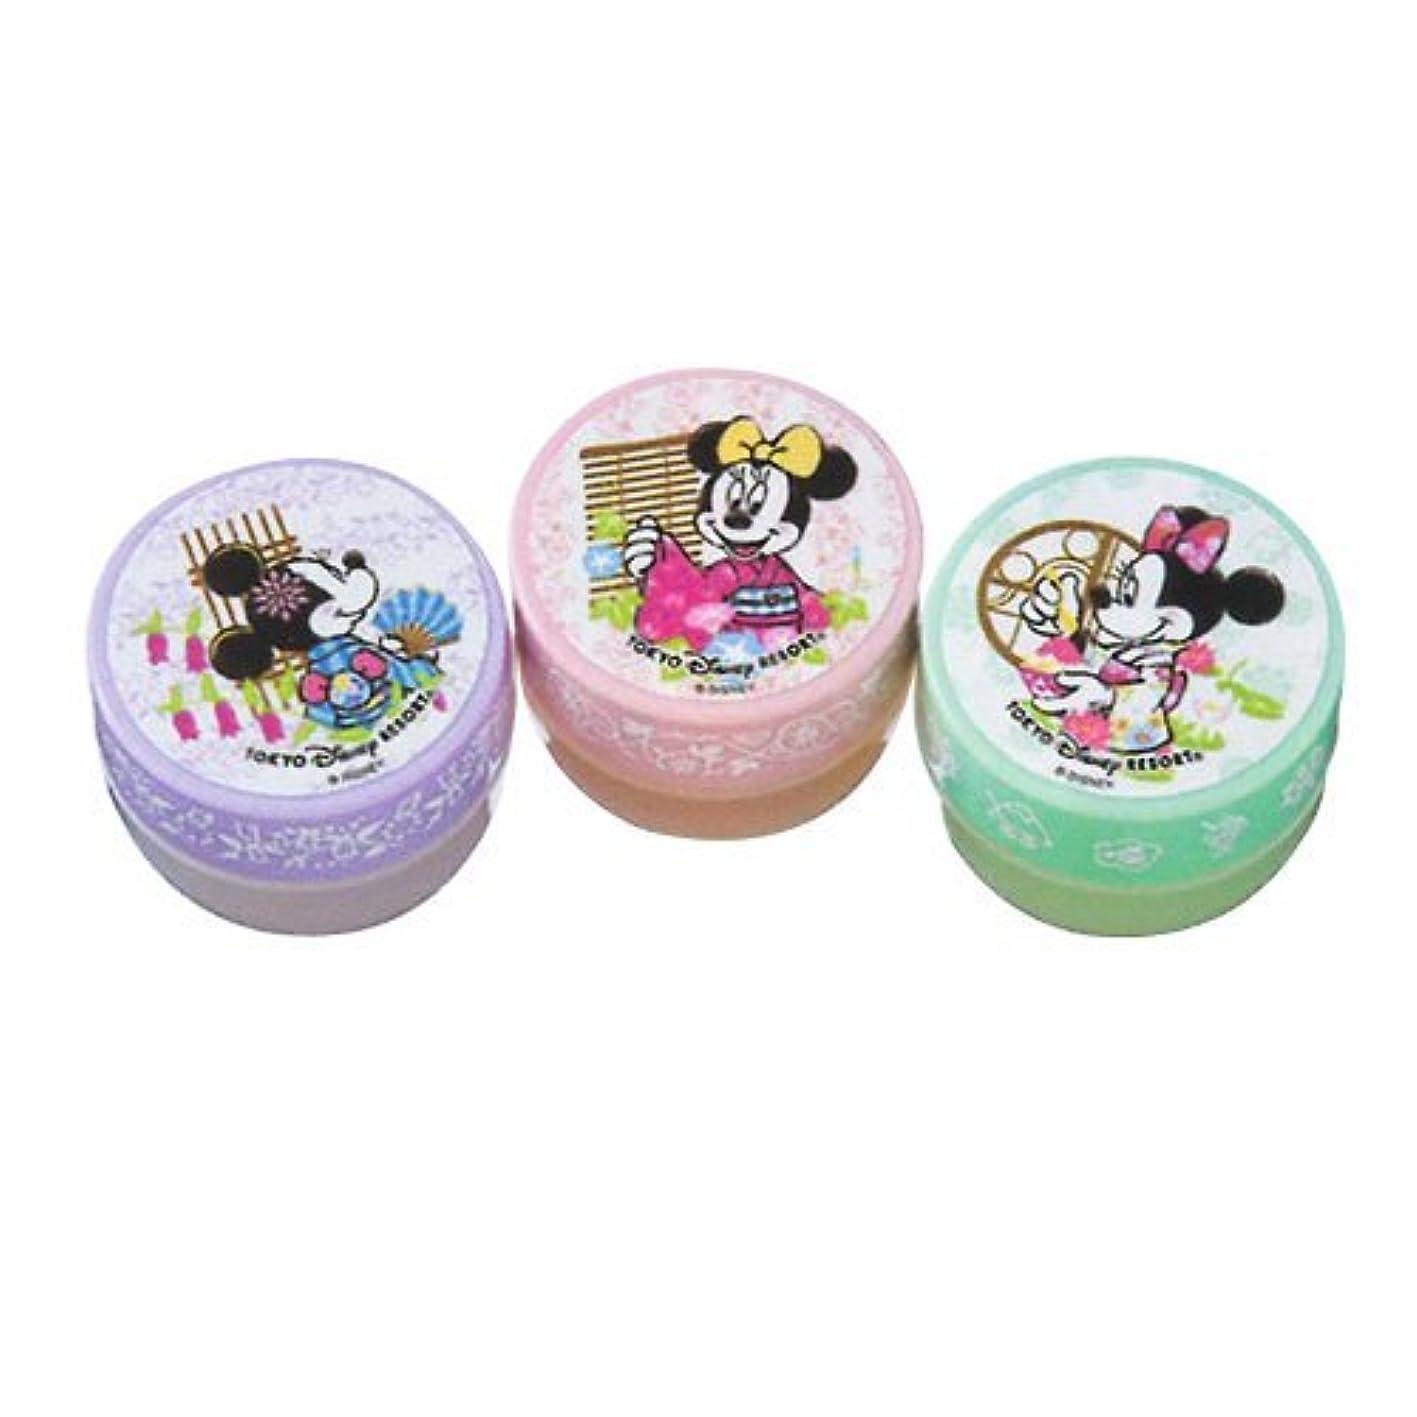 中央値肥沃なディスコミニーマウス ハンドクリームセット 浴衣柄 【東京ディズニーリゾート限定】